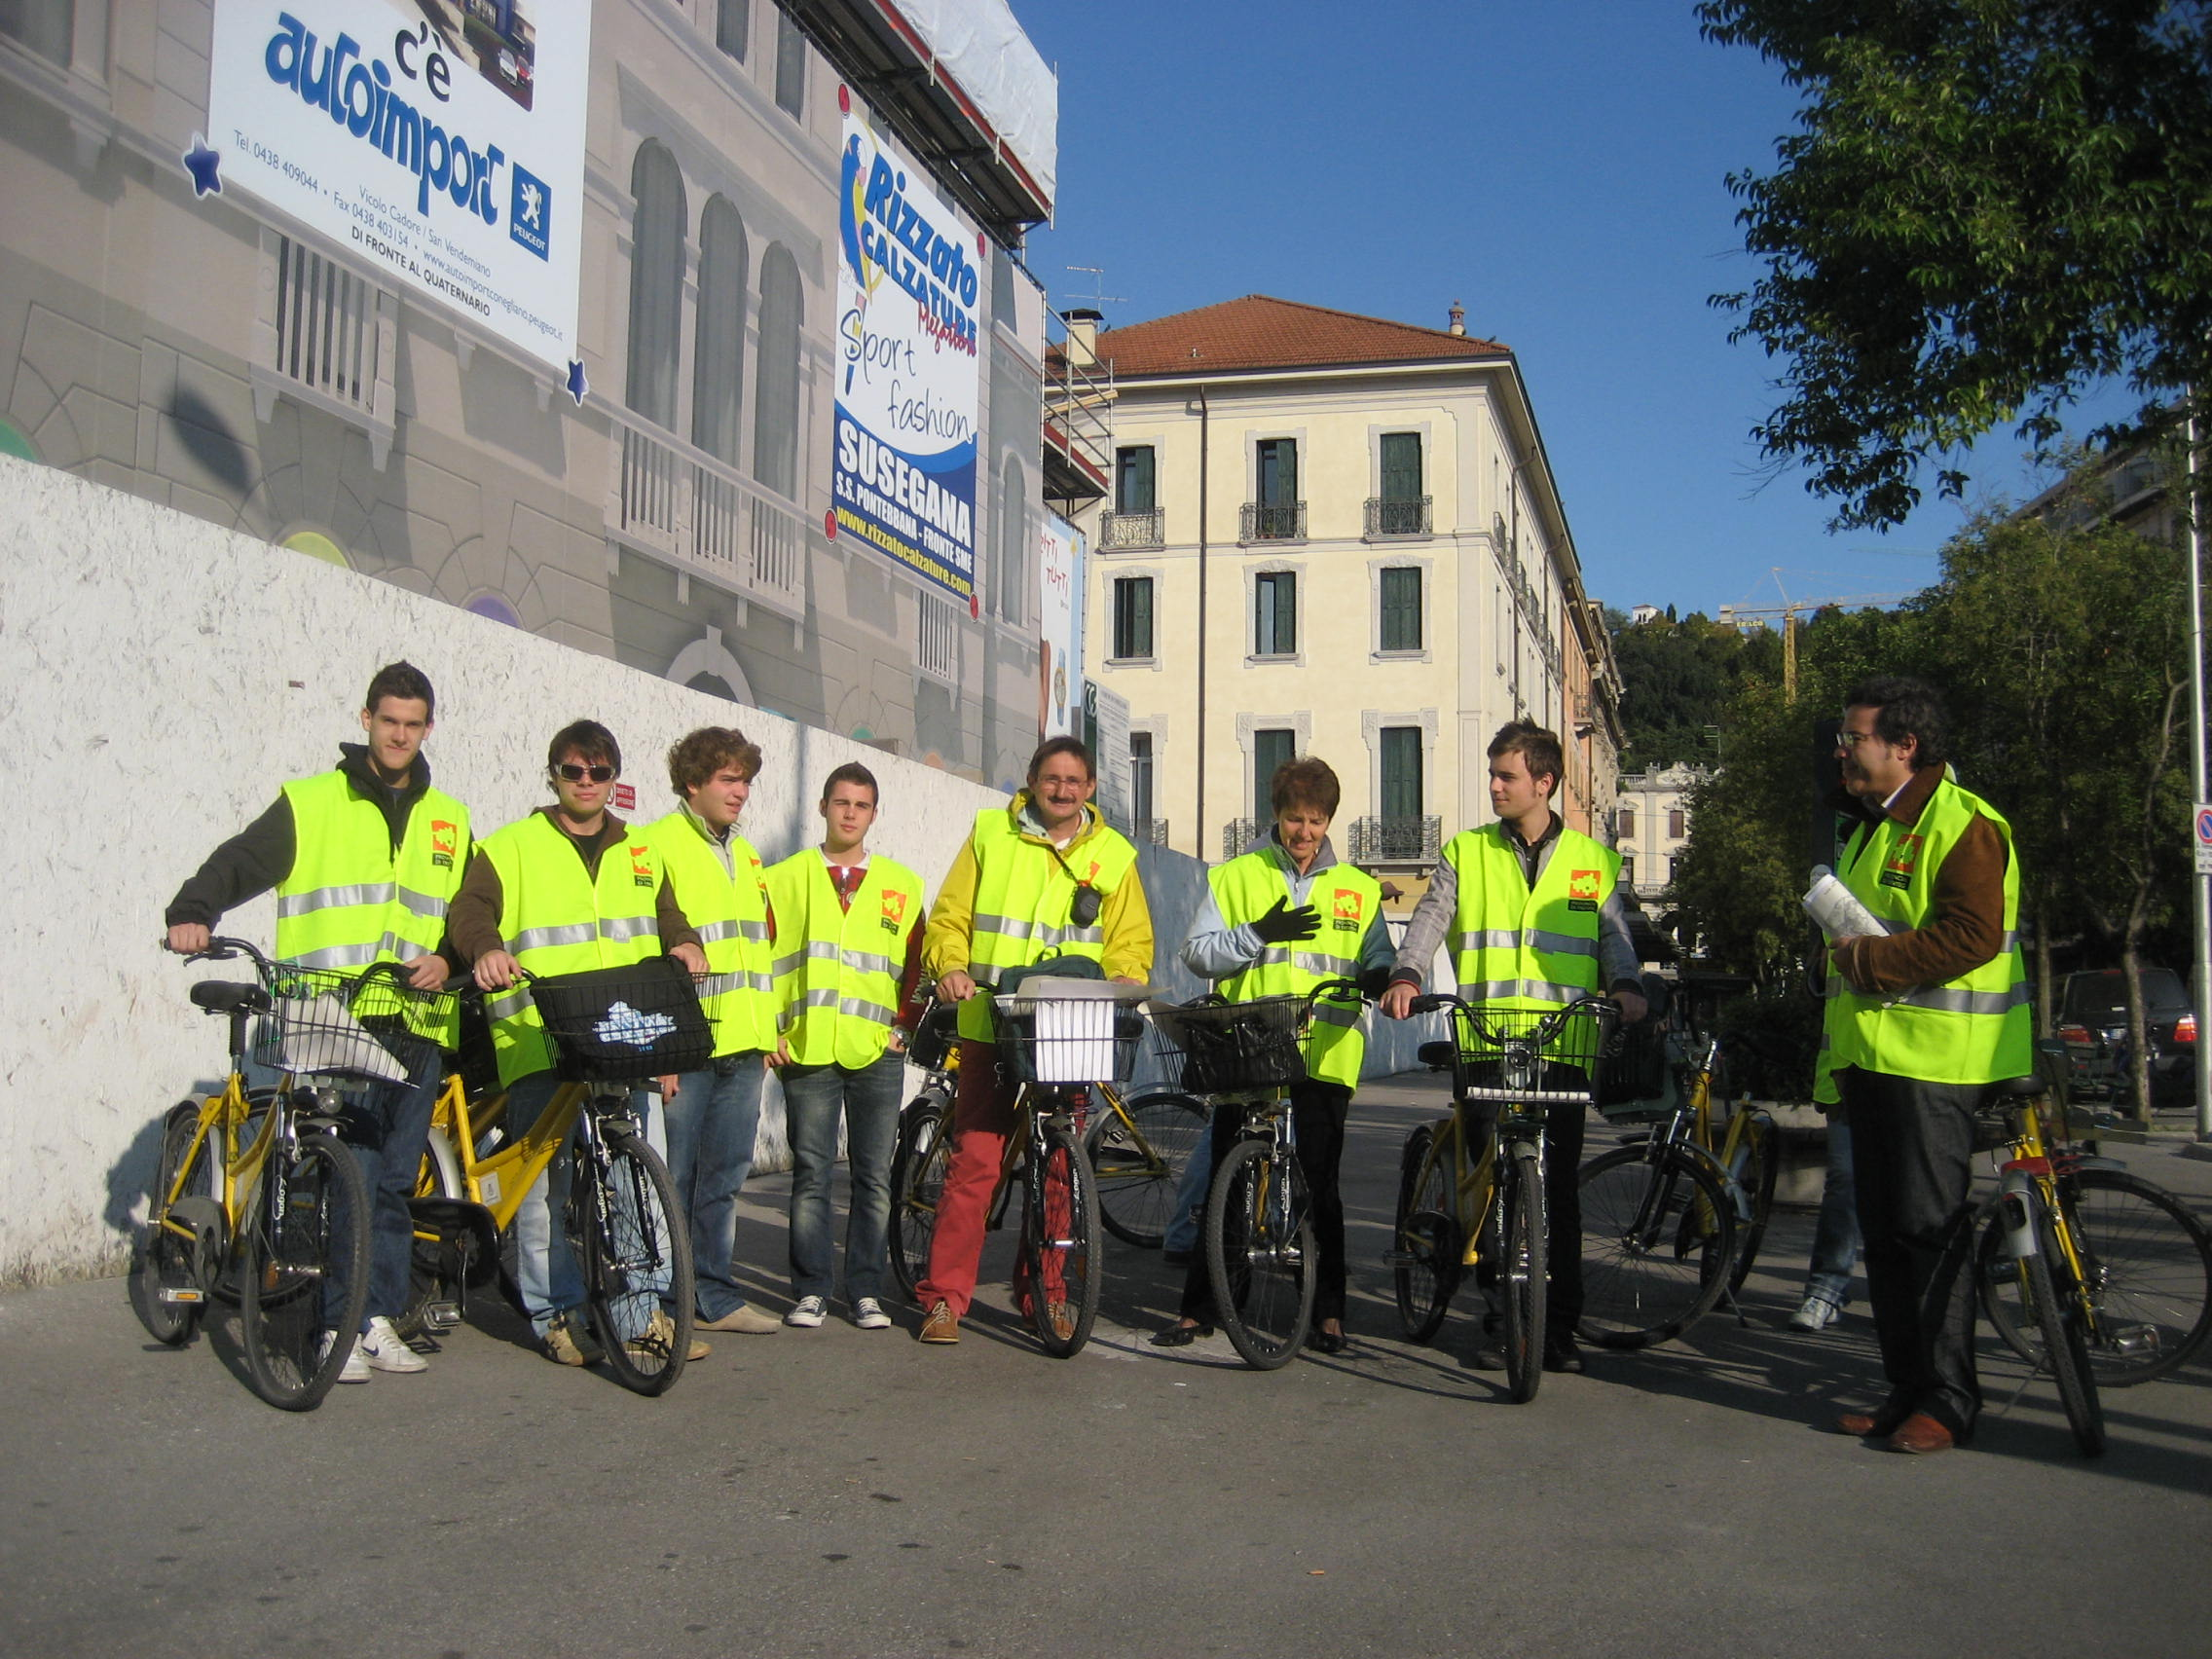 Valutazione pista ciclabile_Conegliano